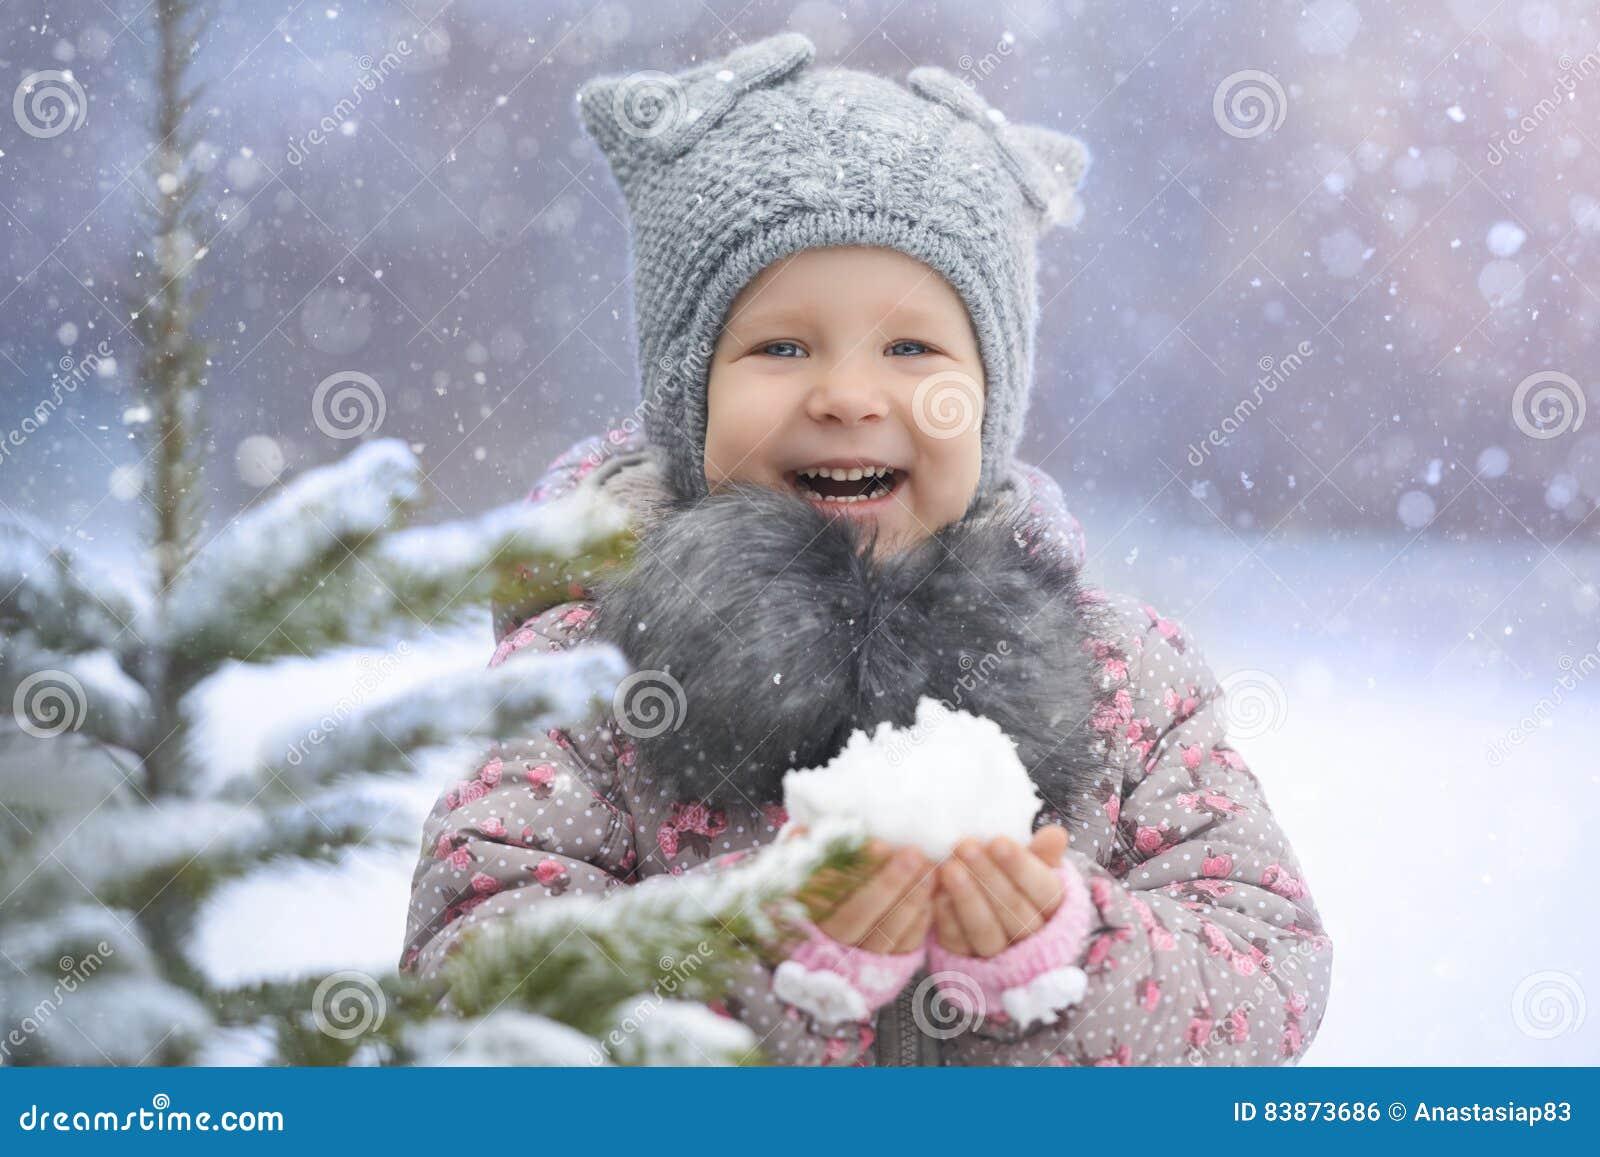 Little girl enjoying first snow